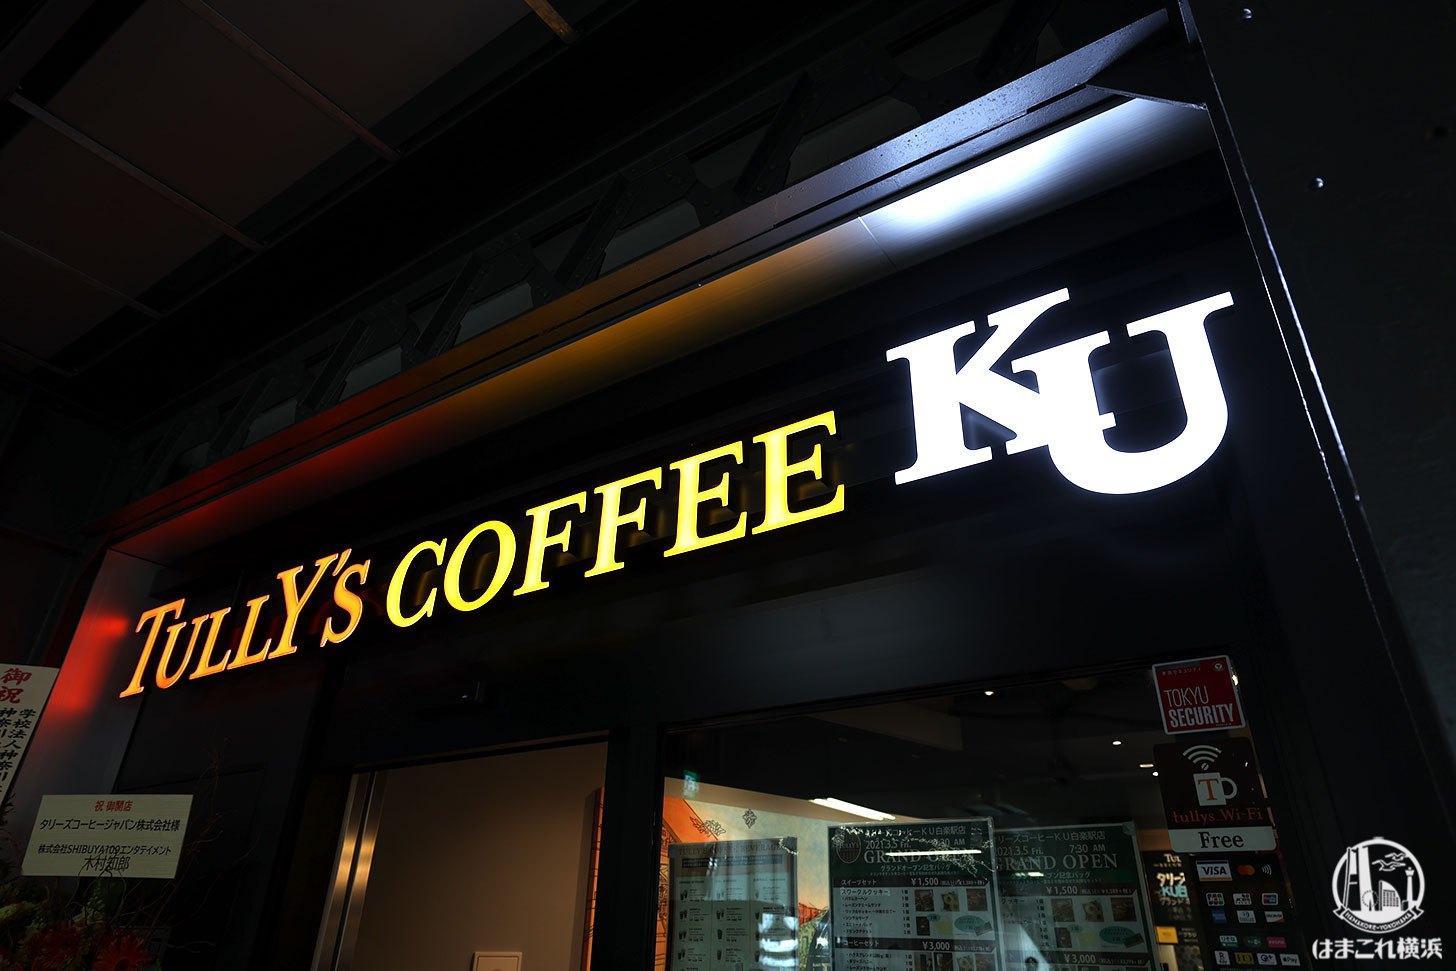 タリーズコーヒーKU 白楽駅店 ロゴ